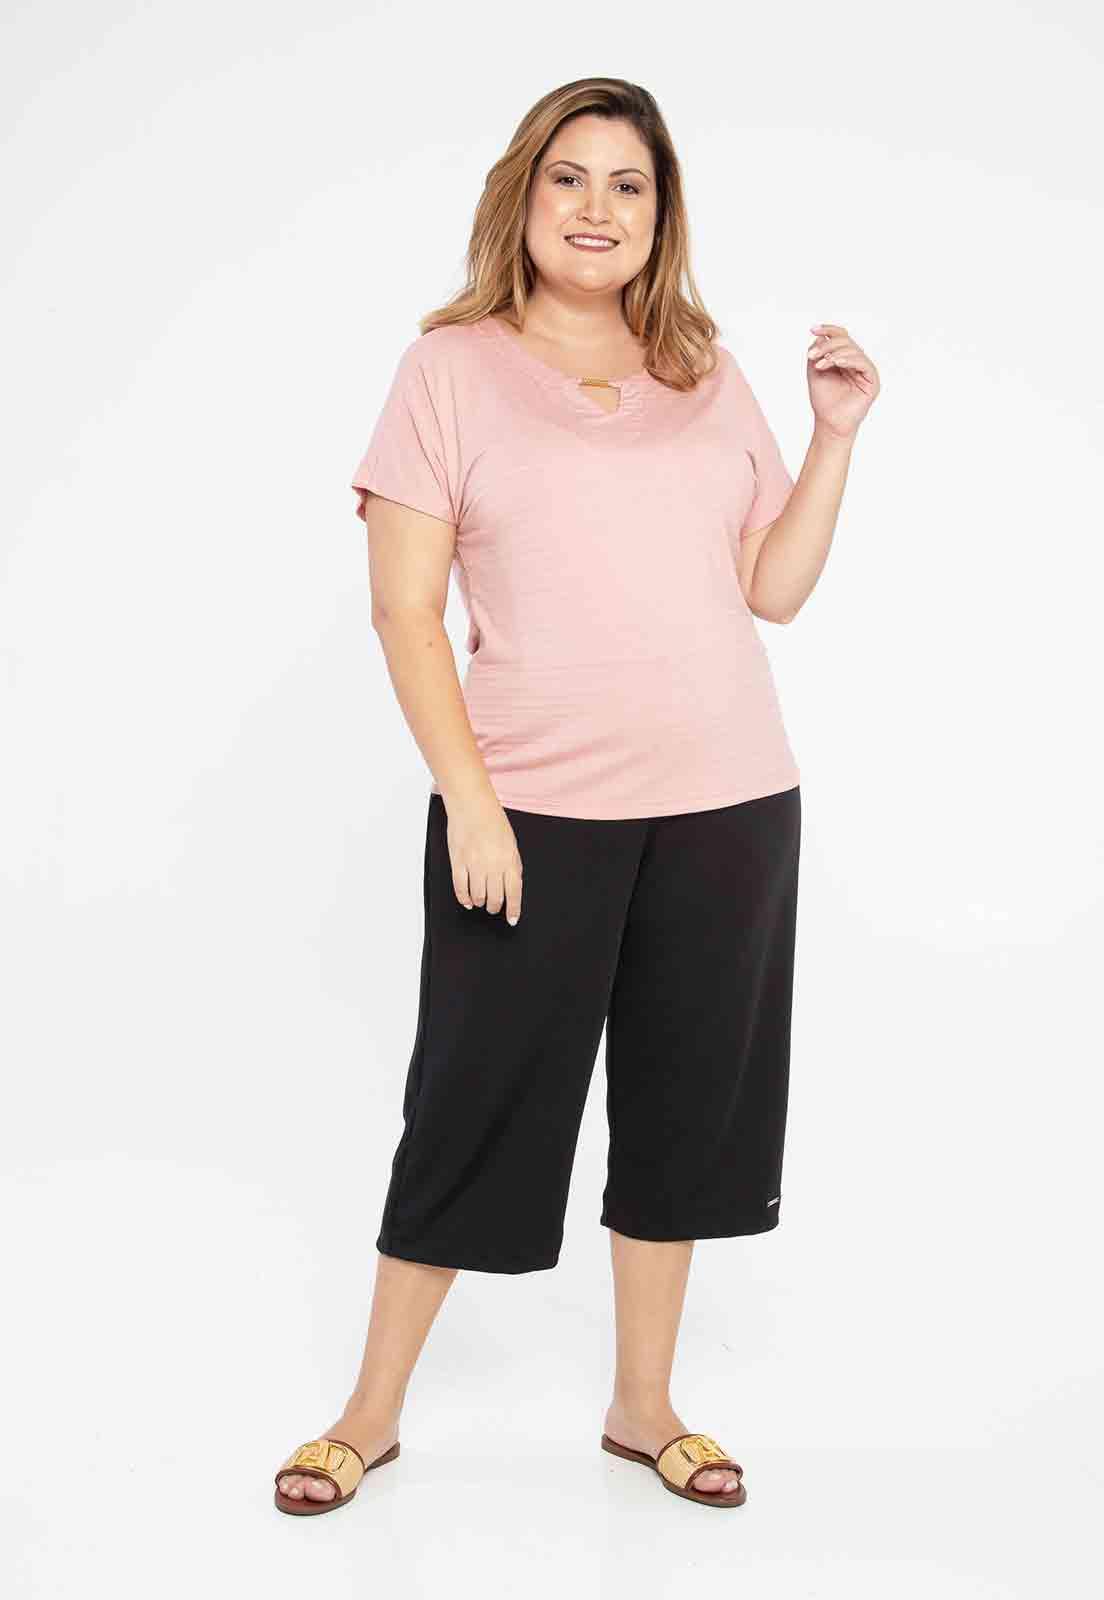 Blusa rosa com detalhe no decote